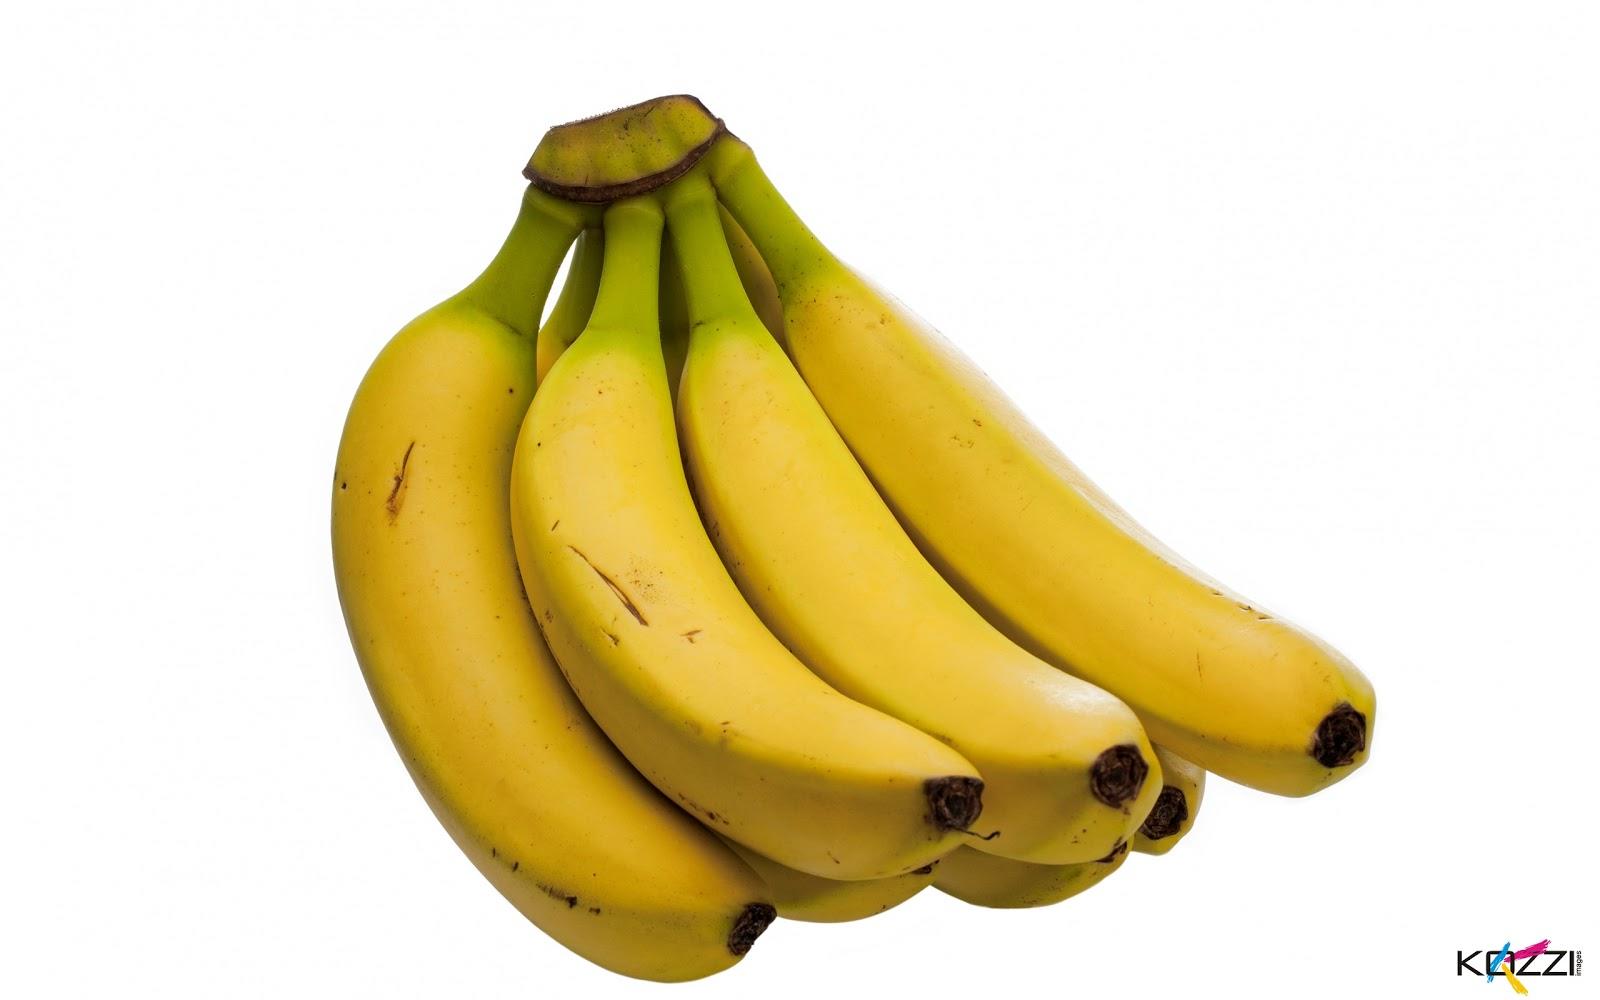 Sugesto saudvel para a famlia neste vero Sorvete de Banana 1600x1000